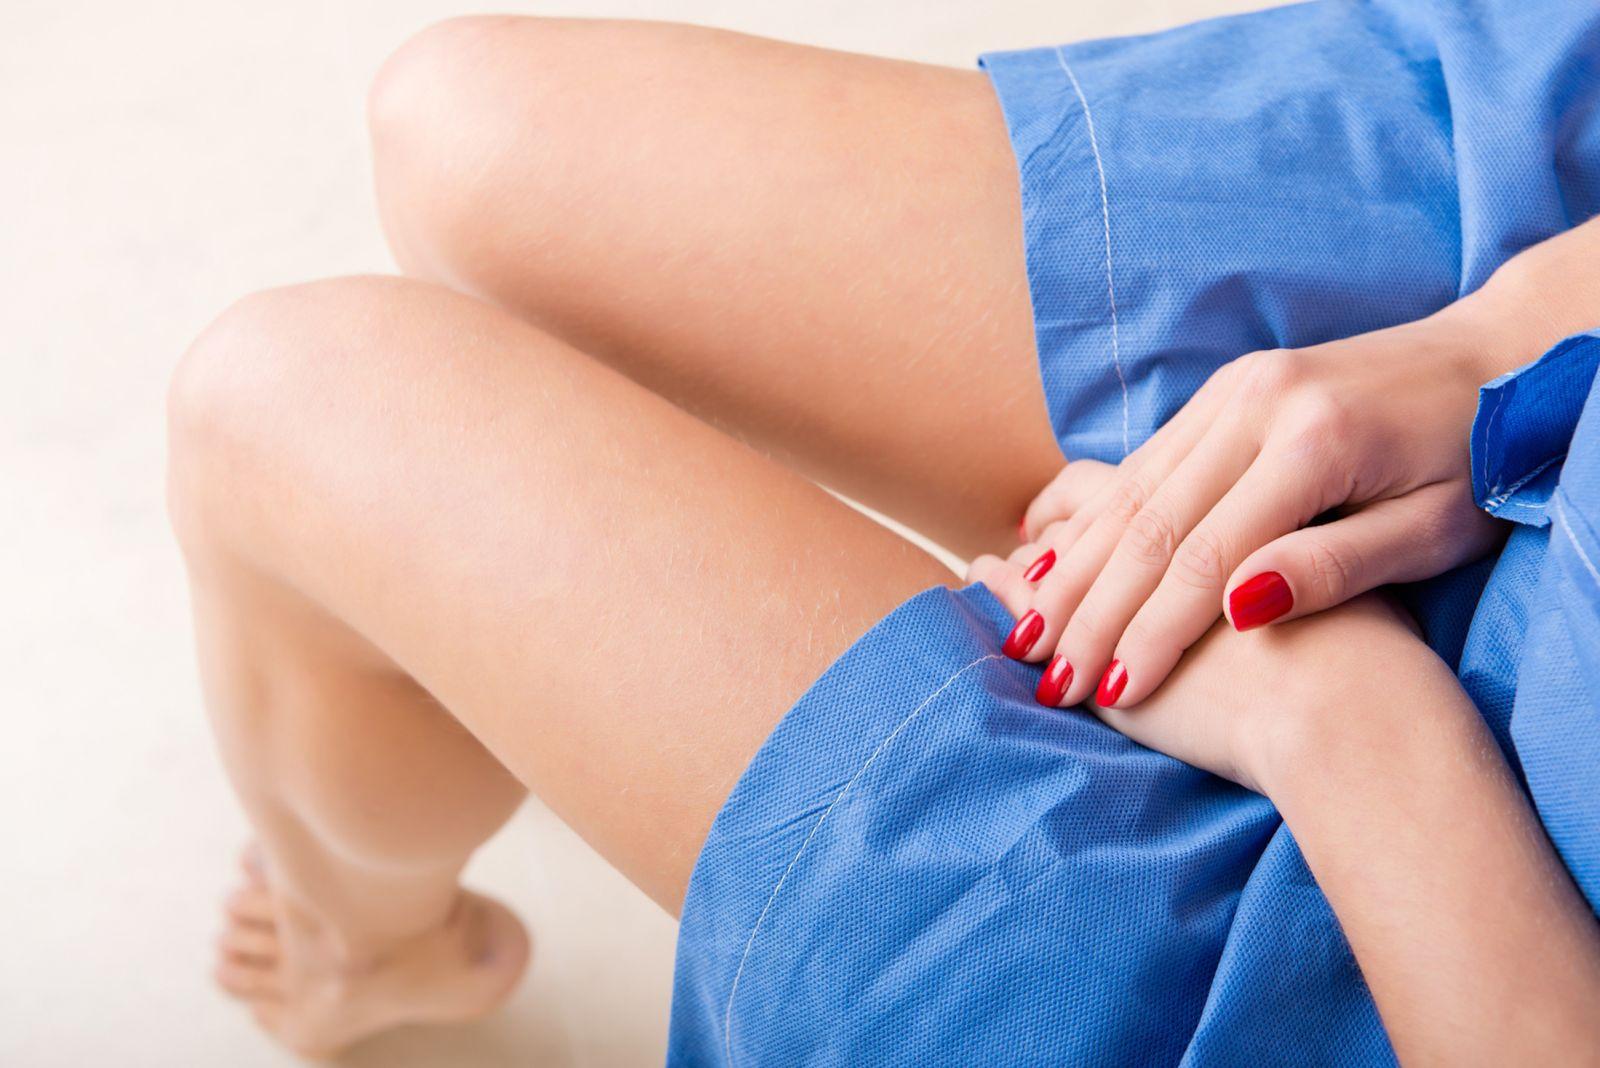 Nhiều chị em gặp phải tình trạng đau rát khi quan hệ tình dục